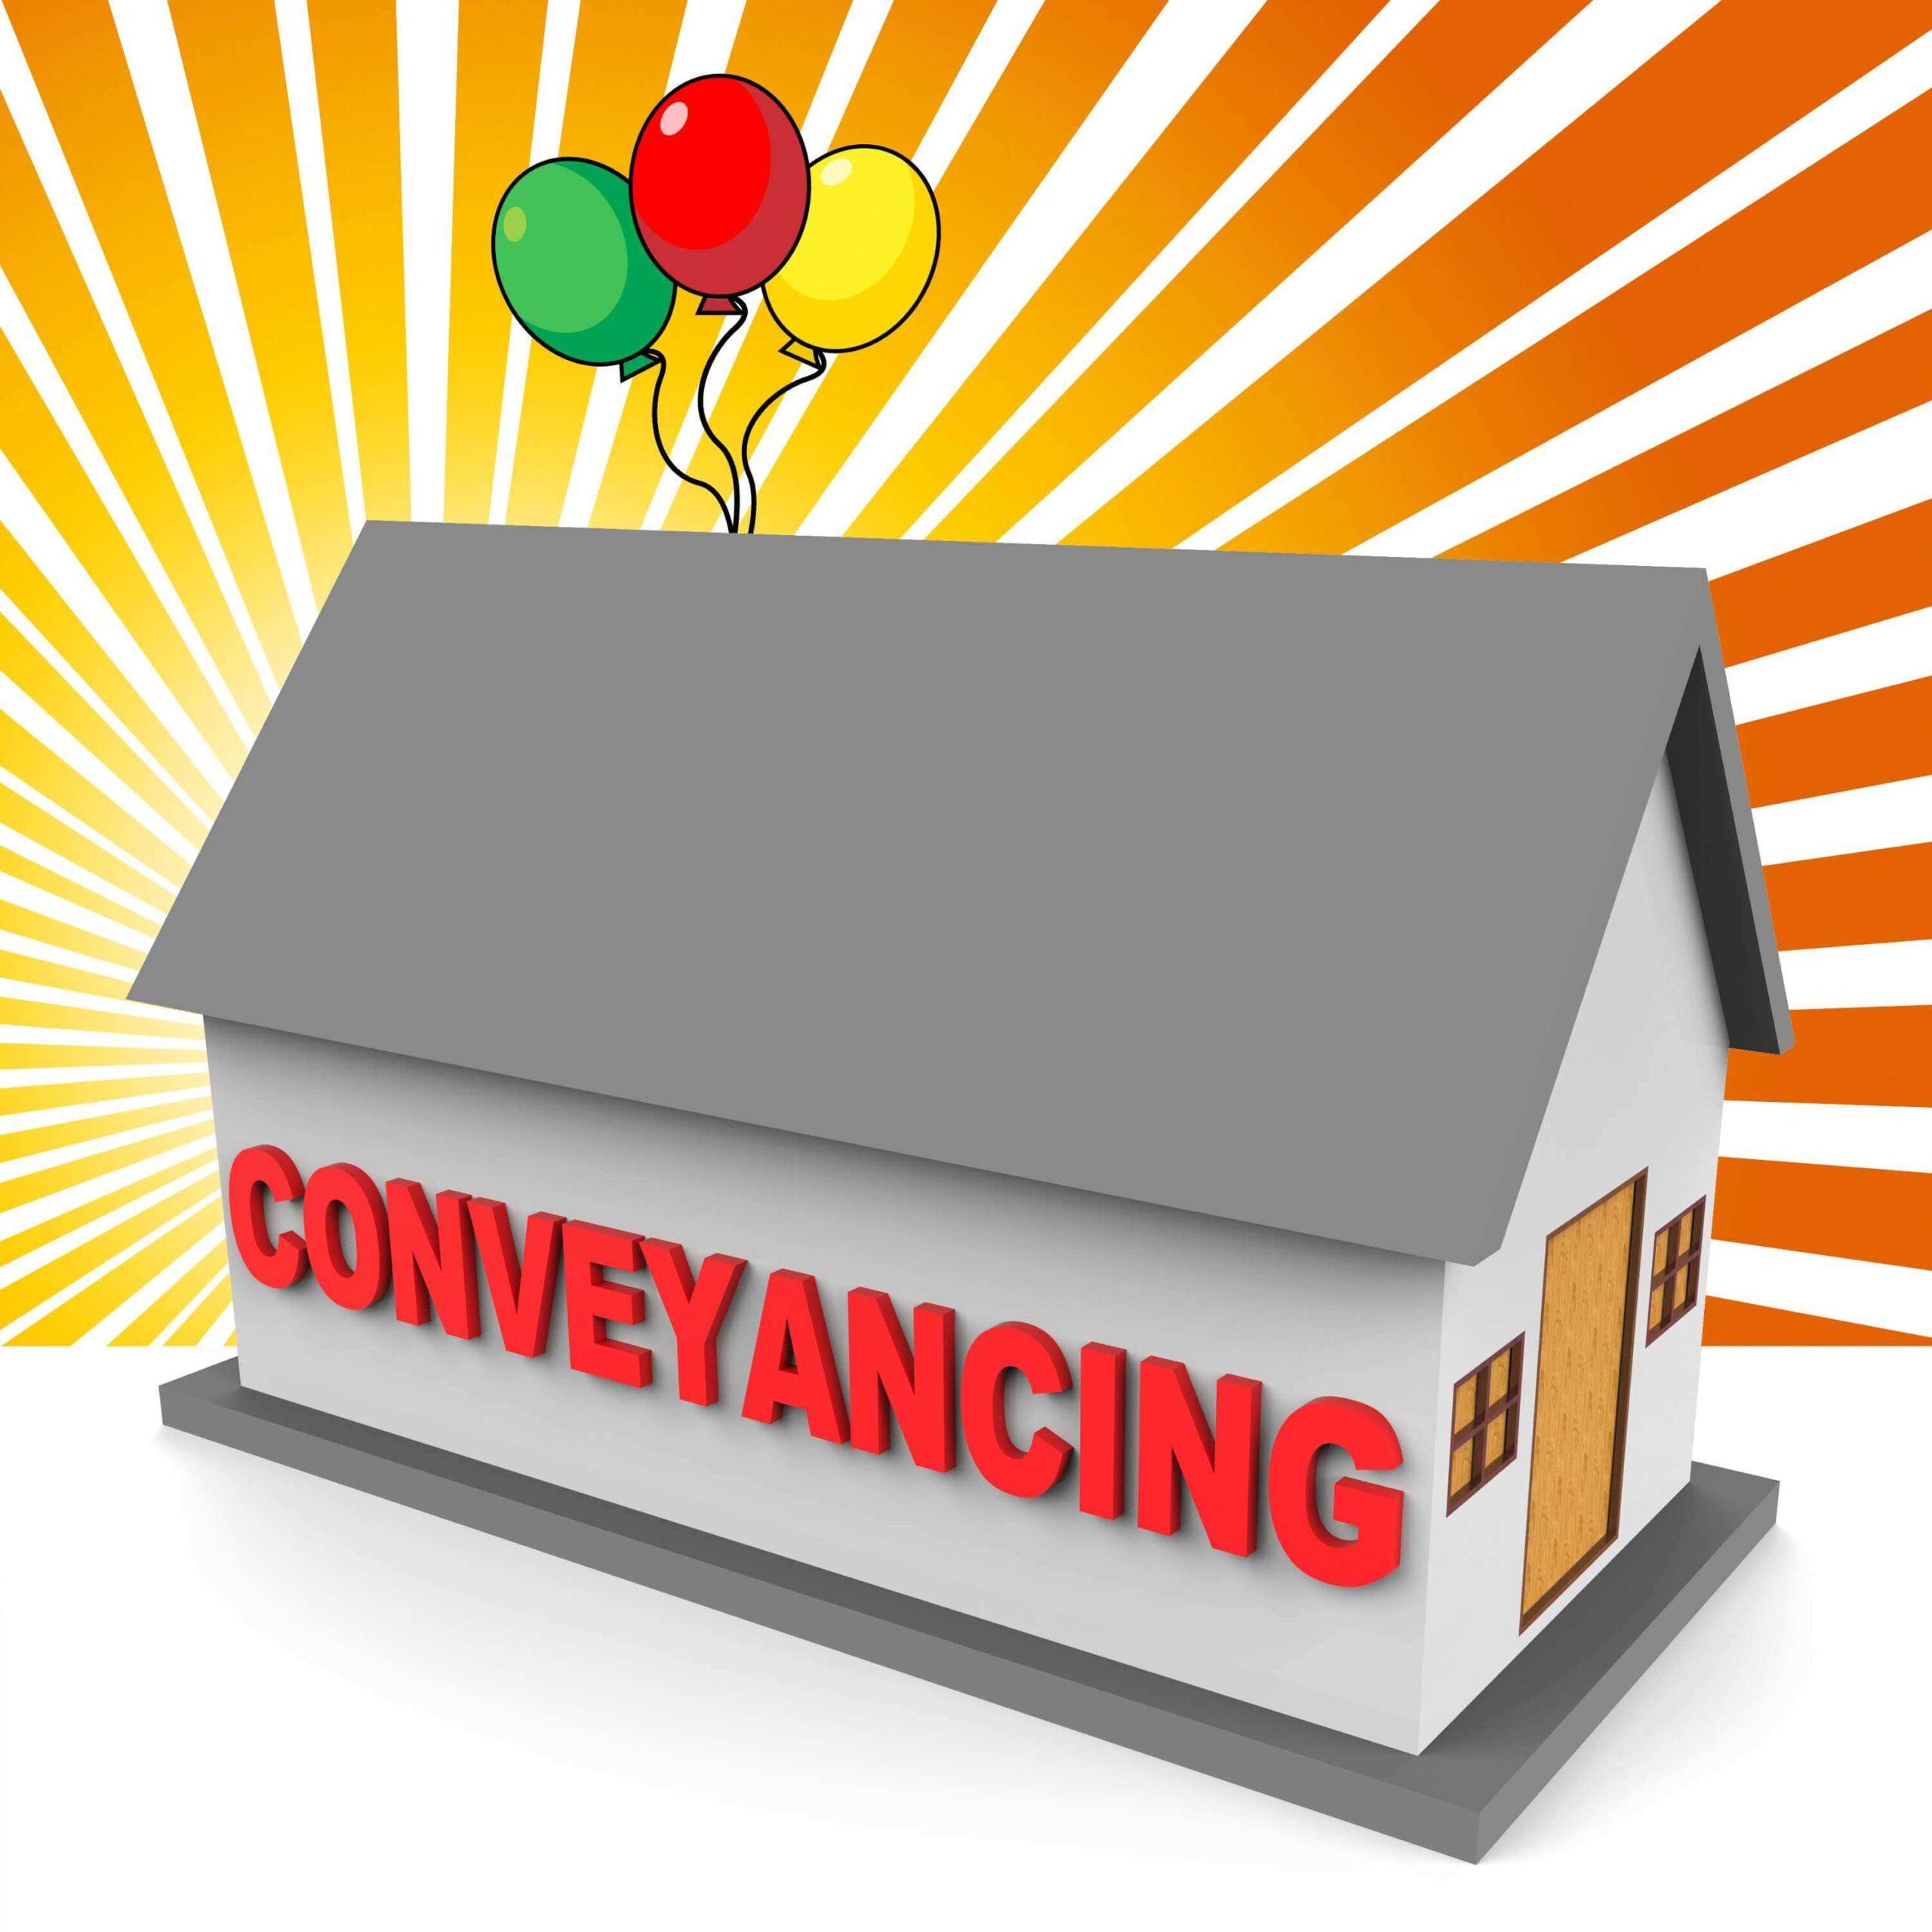 Law & Conveyancing